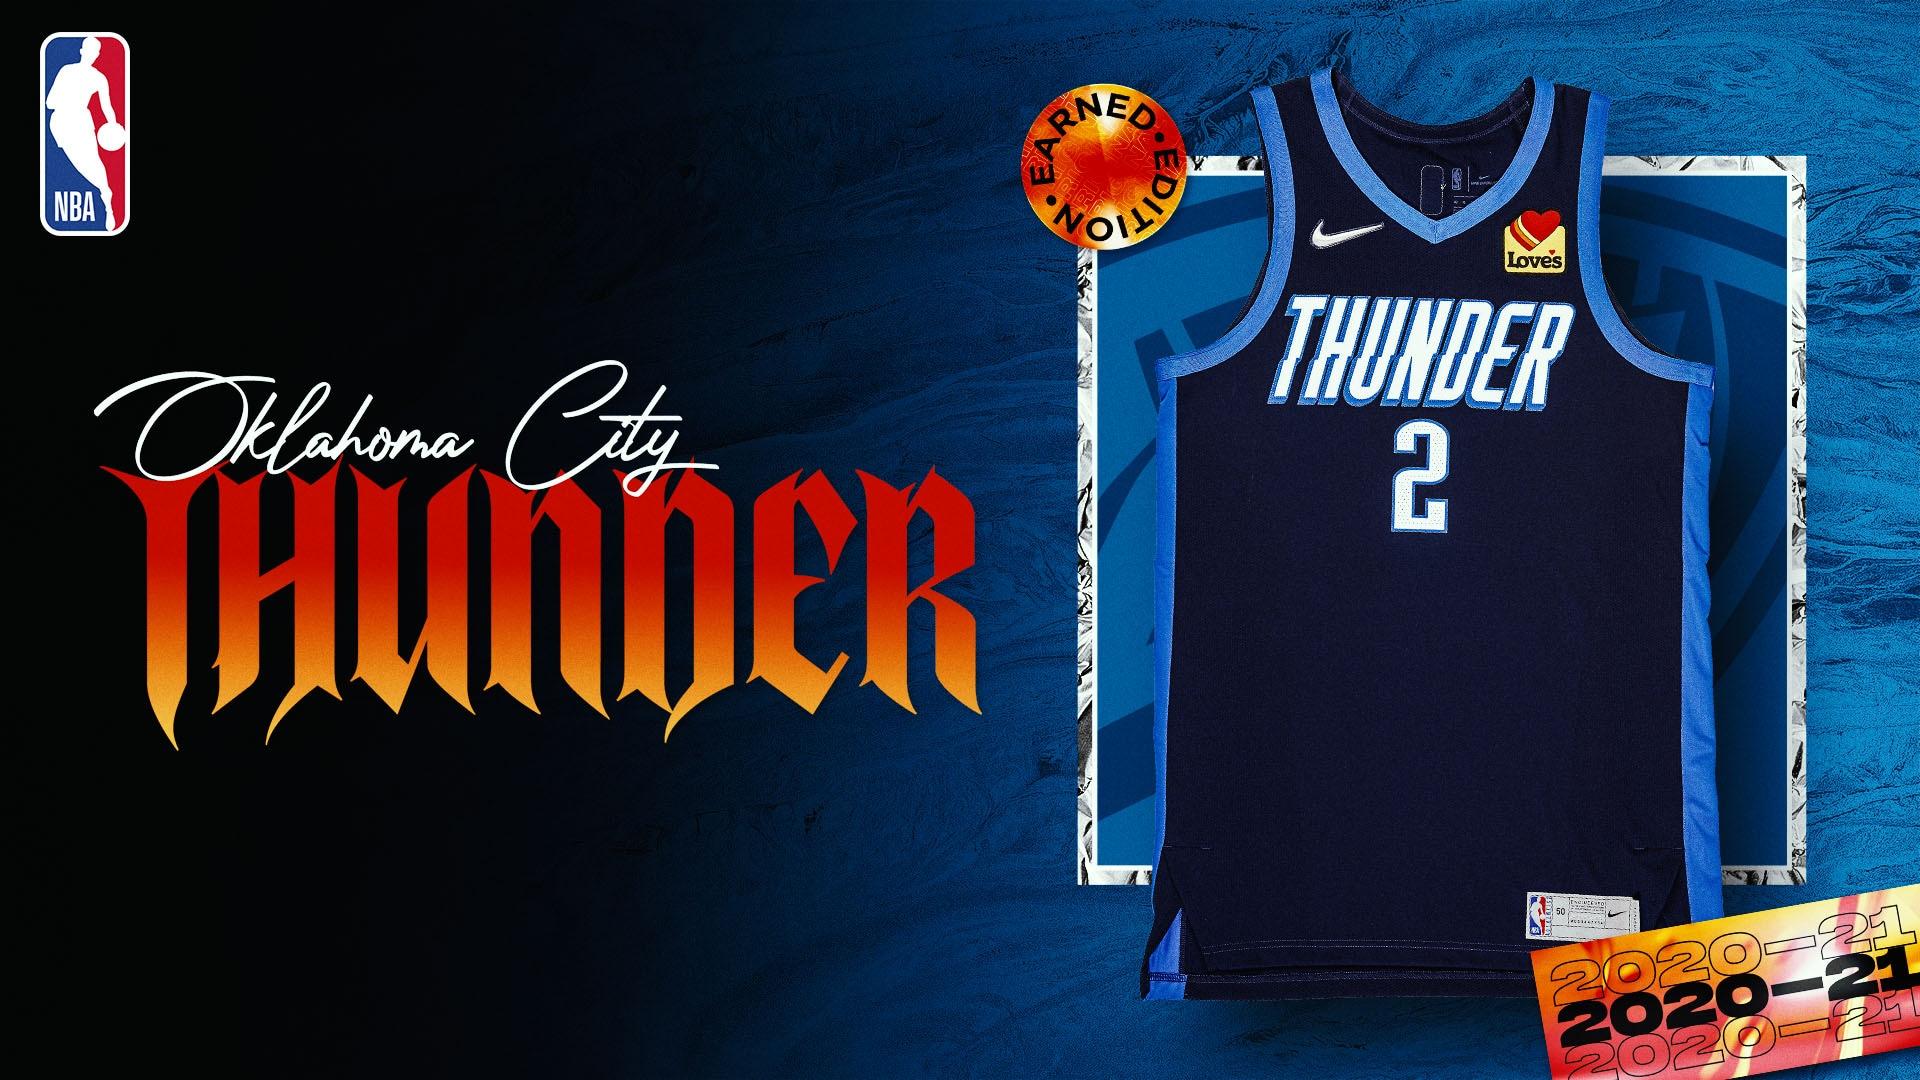 Nike Earned Edition Jersey: Oklahoma City Thunder